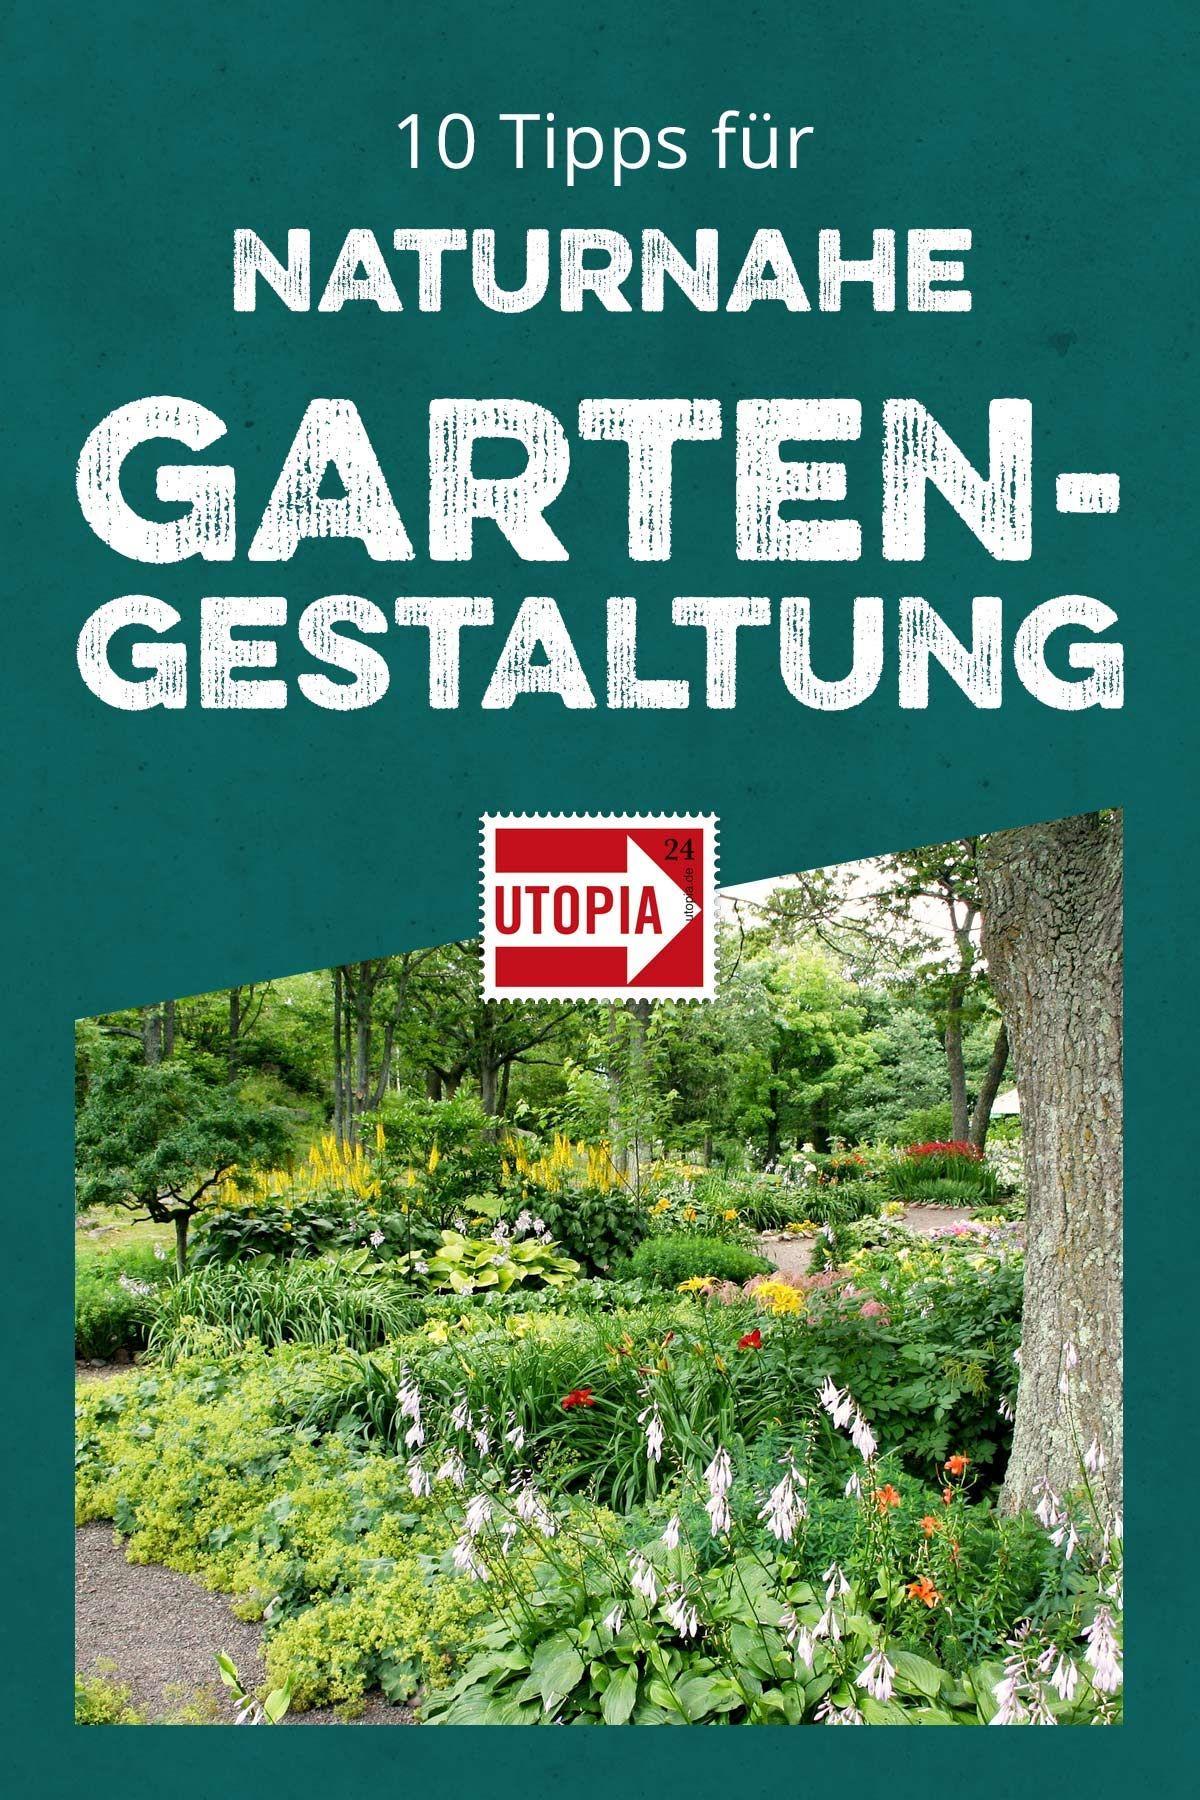 Nachhaltige Gartengestaltung Ideen wie Mauern und Begrenzungen ziehen, vogelfreundliche Pflanzen  ~ 16093705_Gartengestaltung Ideen Pflanzen